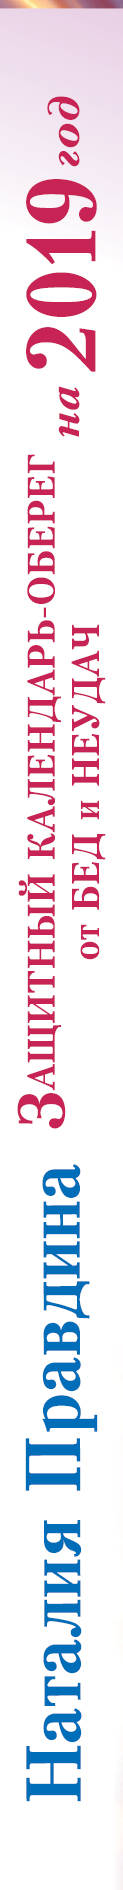 Защитный календарь-оберег от бед и неудач на 2019 год. 365 практик от Мастера. Лунный календарь. Наталья Правдина